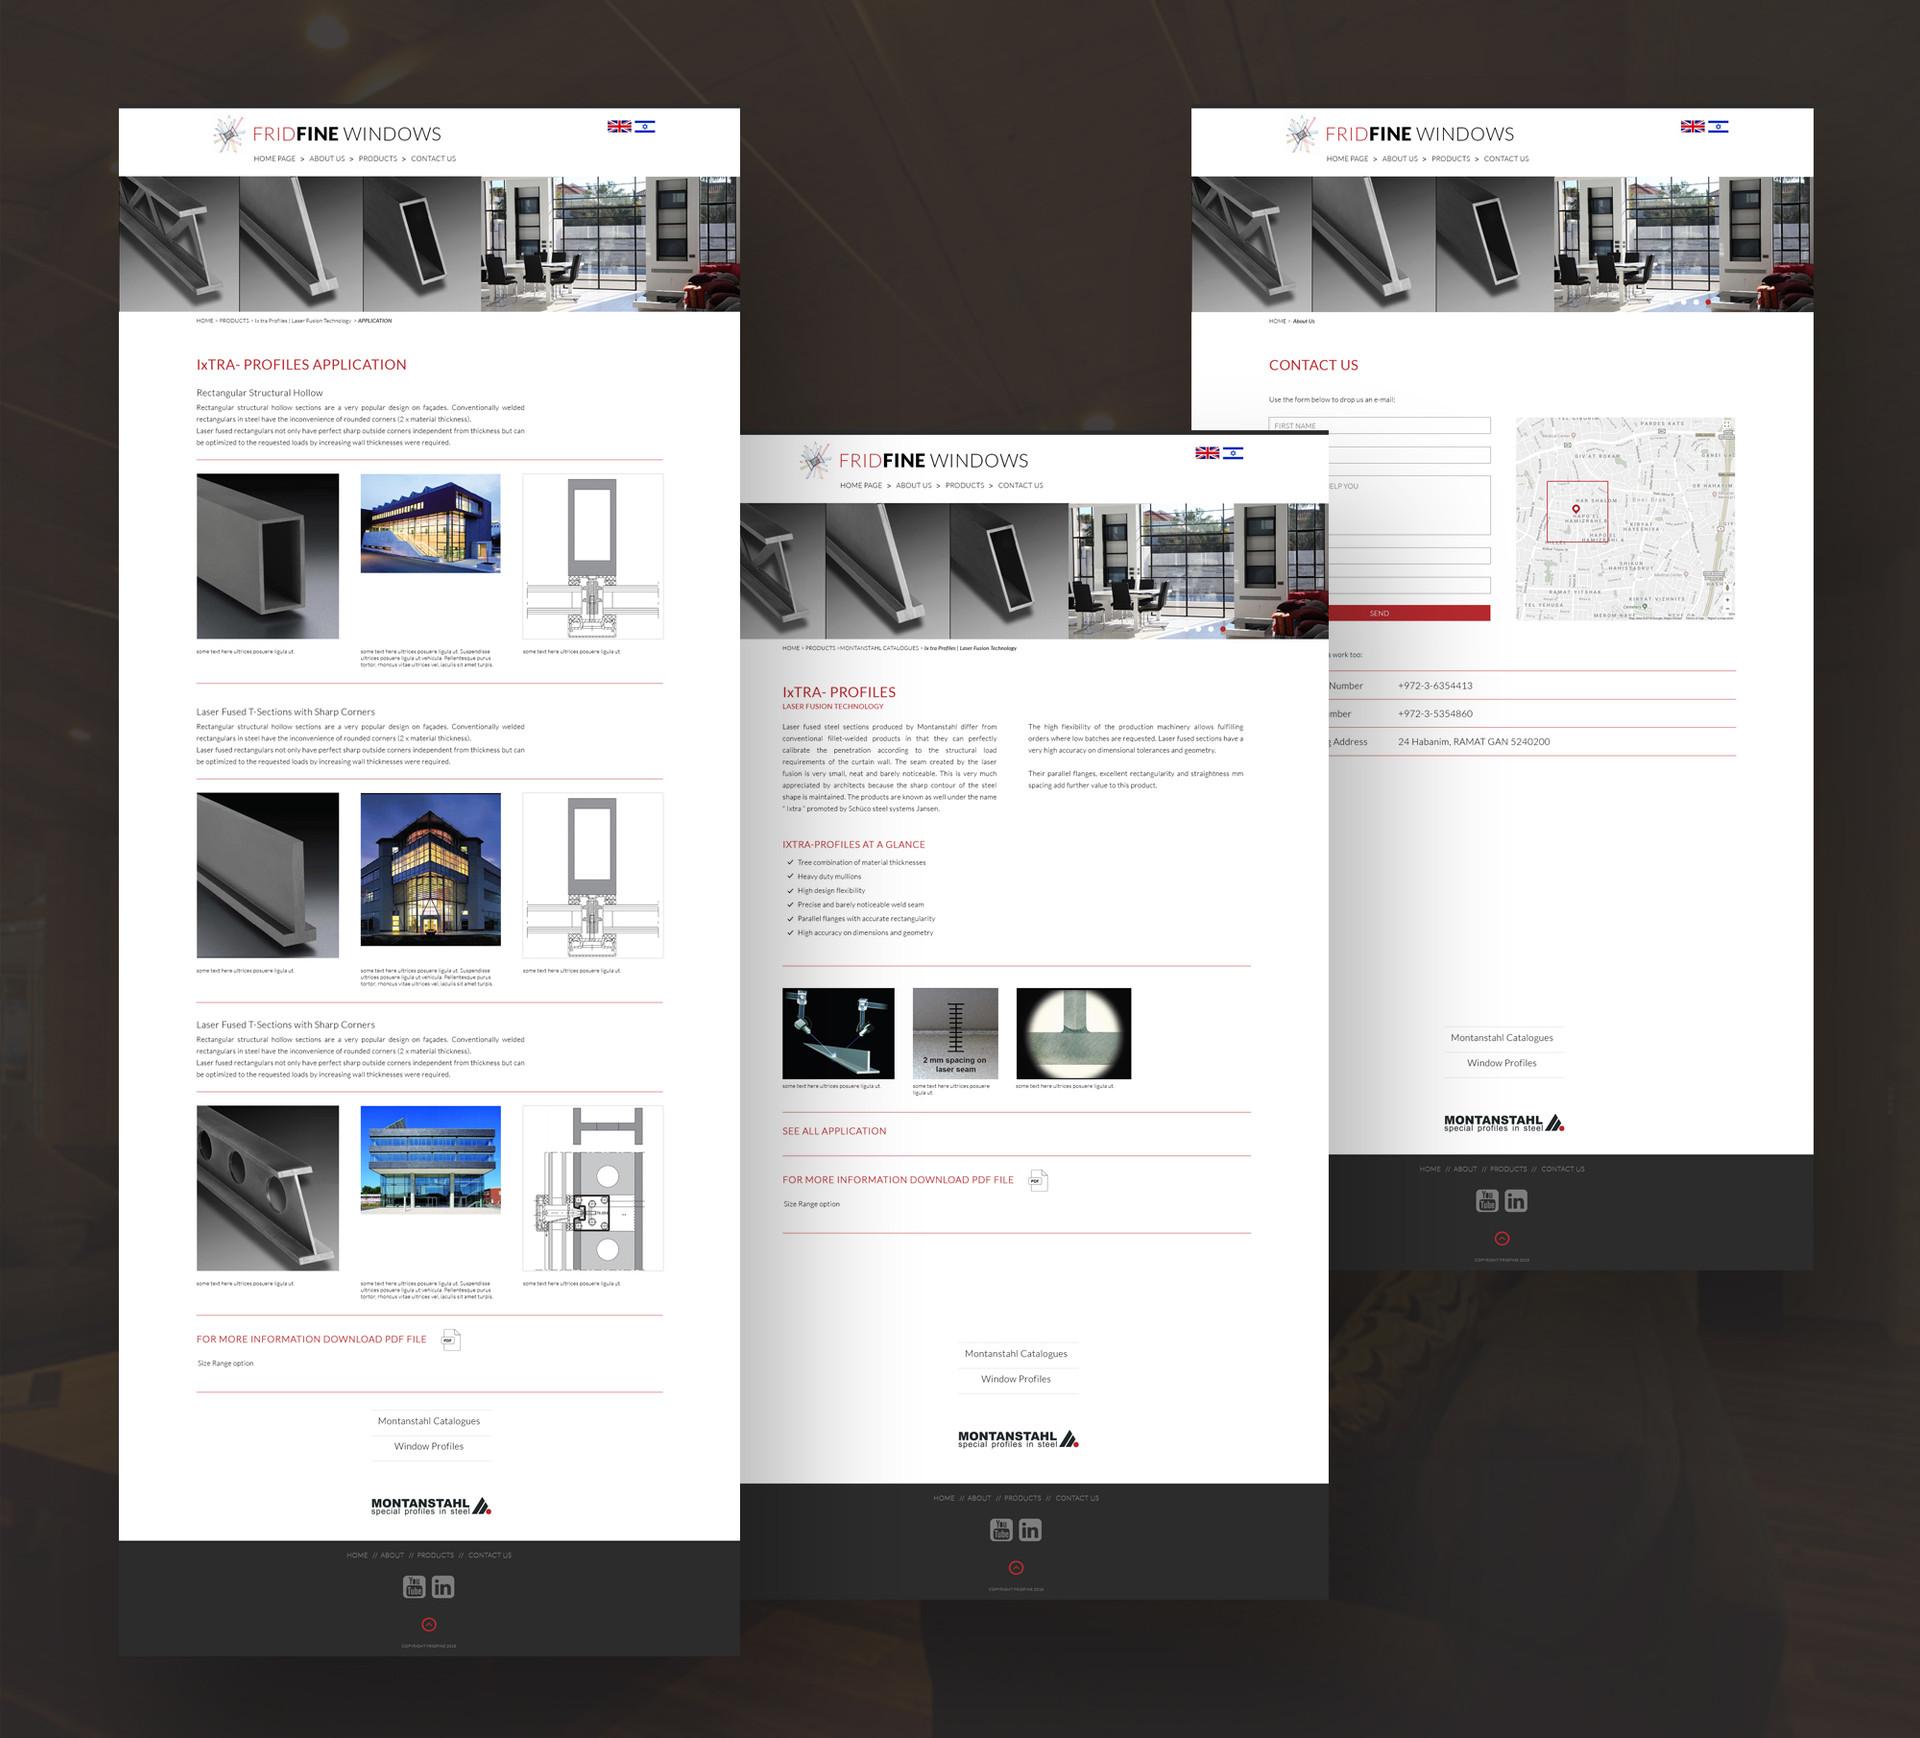 fridfine-web.jpg